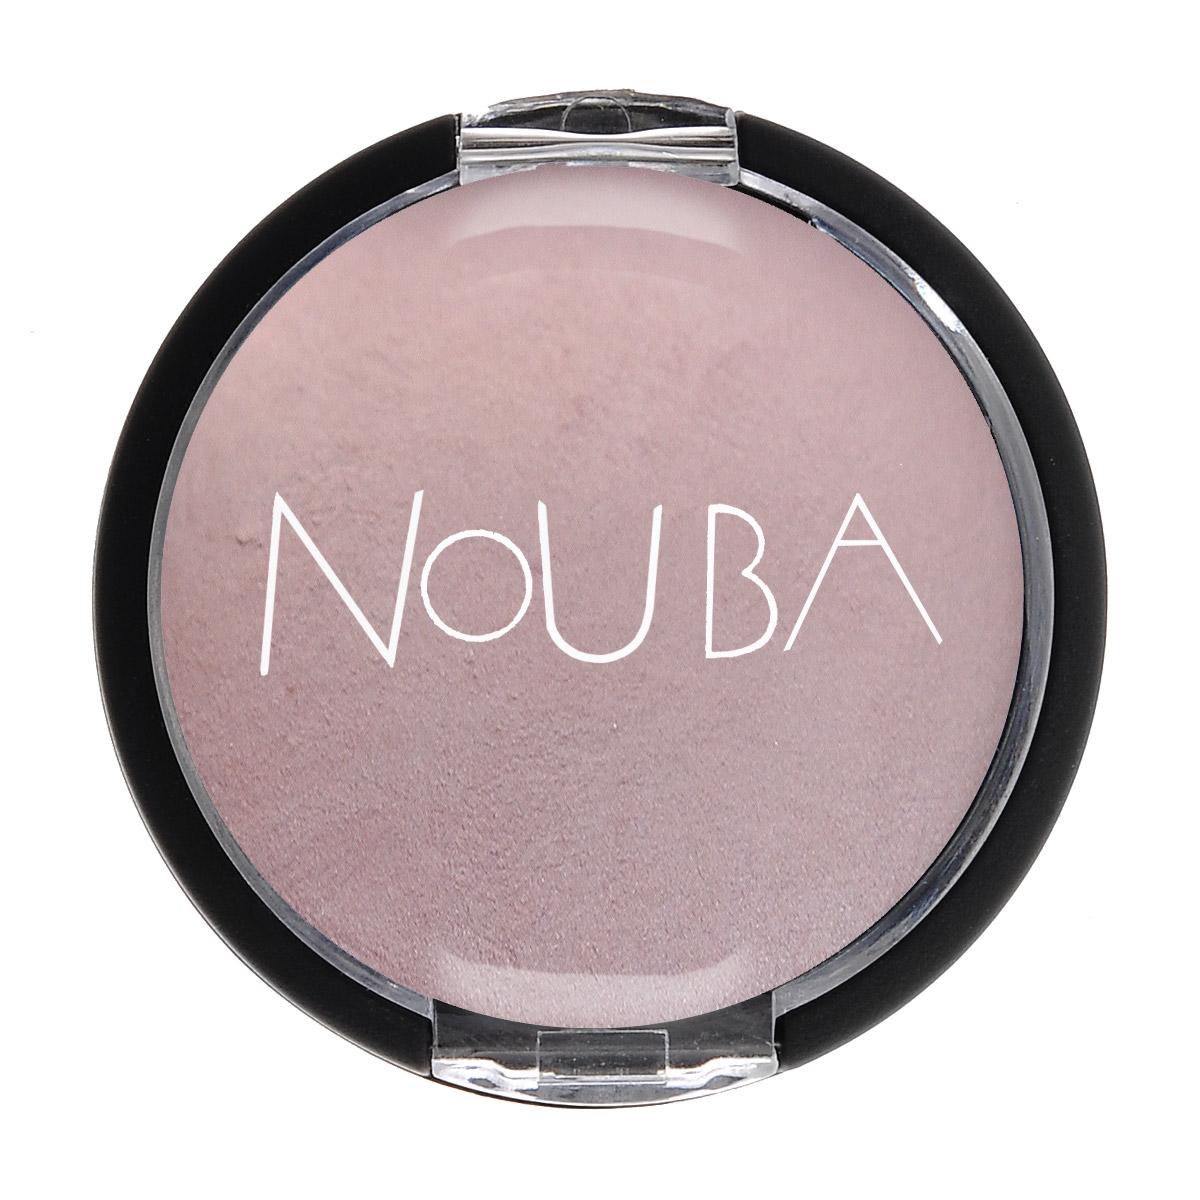 Nouba Тени для век Nombra, матовые, 1 цвет, тон №406, 2 гN33406Запеченные матовые тени Nouba Nombra обогащены увлажняющими компонентами, ухаживающими за чувствительной кожей век, и включают в себя элементы, обеспечивающие максимальную стойкость и матовость макияжу глаз. Легчайшая вуаль теней безупречно ложится на веки, превращаясь в прекрасную основу для эффекта smokey eyes и для любого типа стрелок. К теням прилагается аппликатор. Характеристики:Вес: 2 г. Тон: №406. Артикул: N33406. Товар сертифицирован.